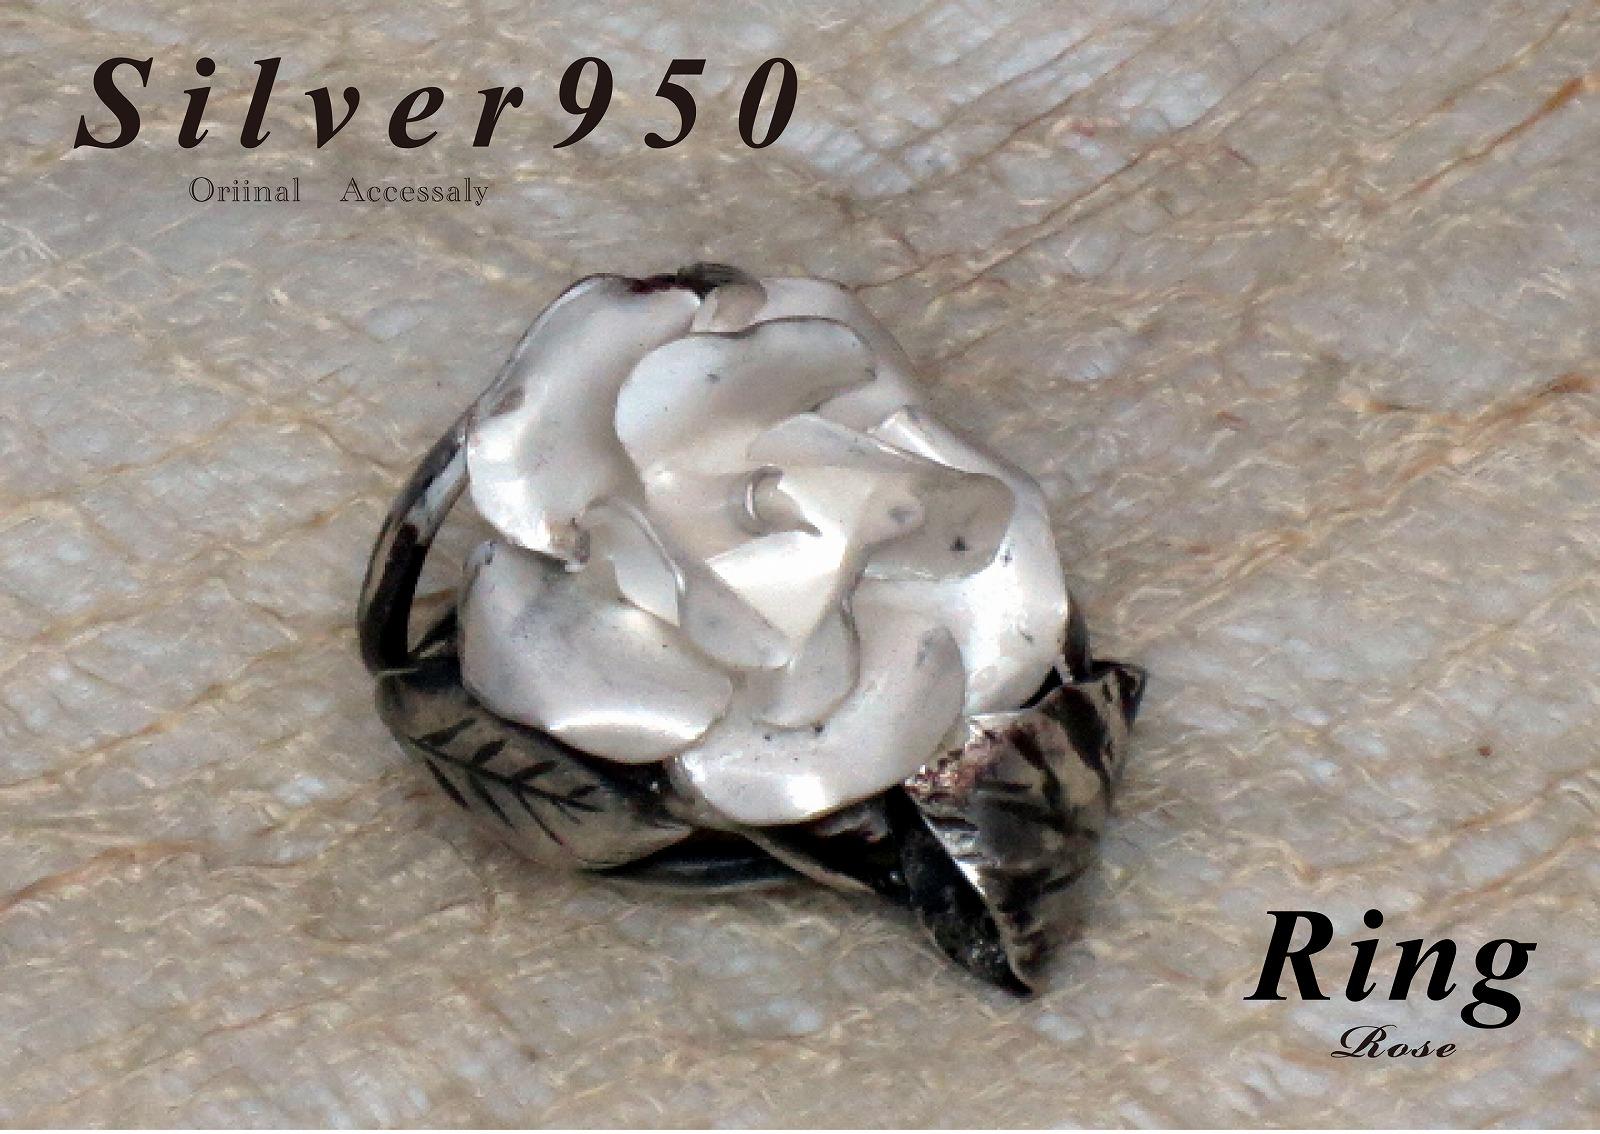 当店オリジナル 一点もの【送料無料】彫金 シルバー950バラのリング【アクセサリー シルバー 一点物 誕生日 プレゼント 贈り物】の画像1枚目